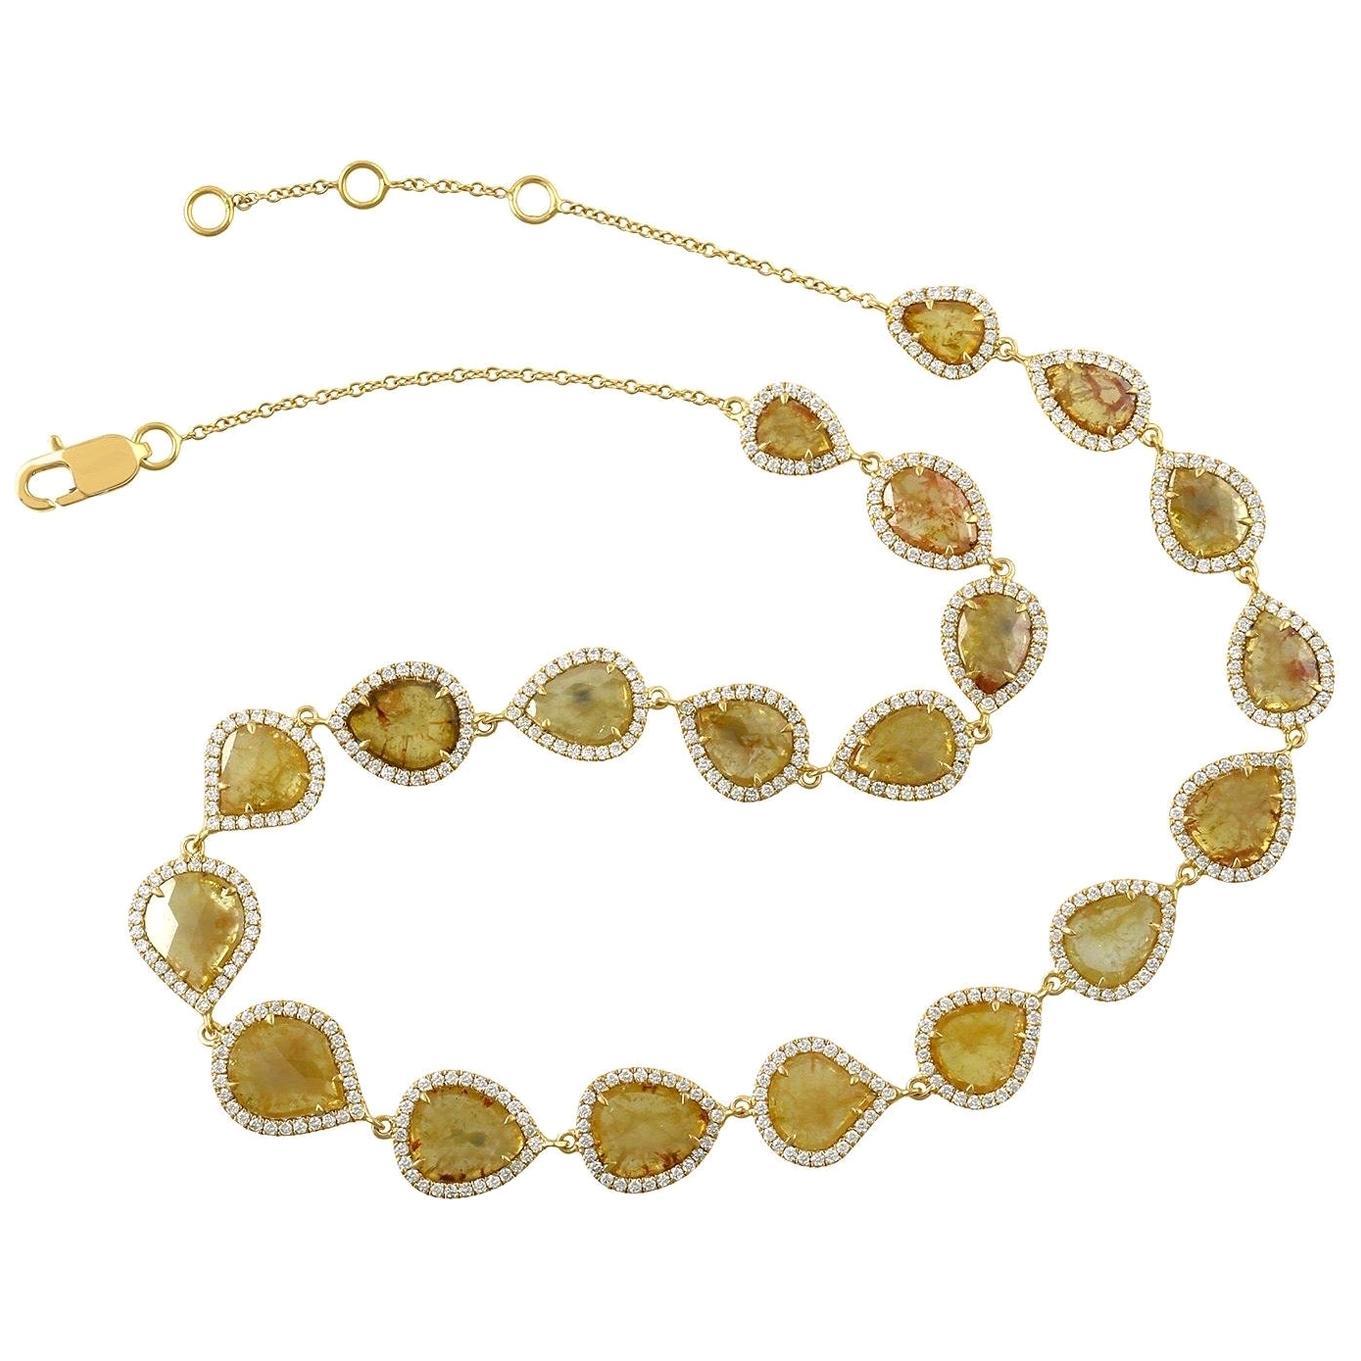 Fancy Slice Diamond 18 Karat Gold Necklace